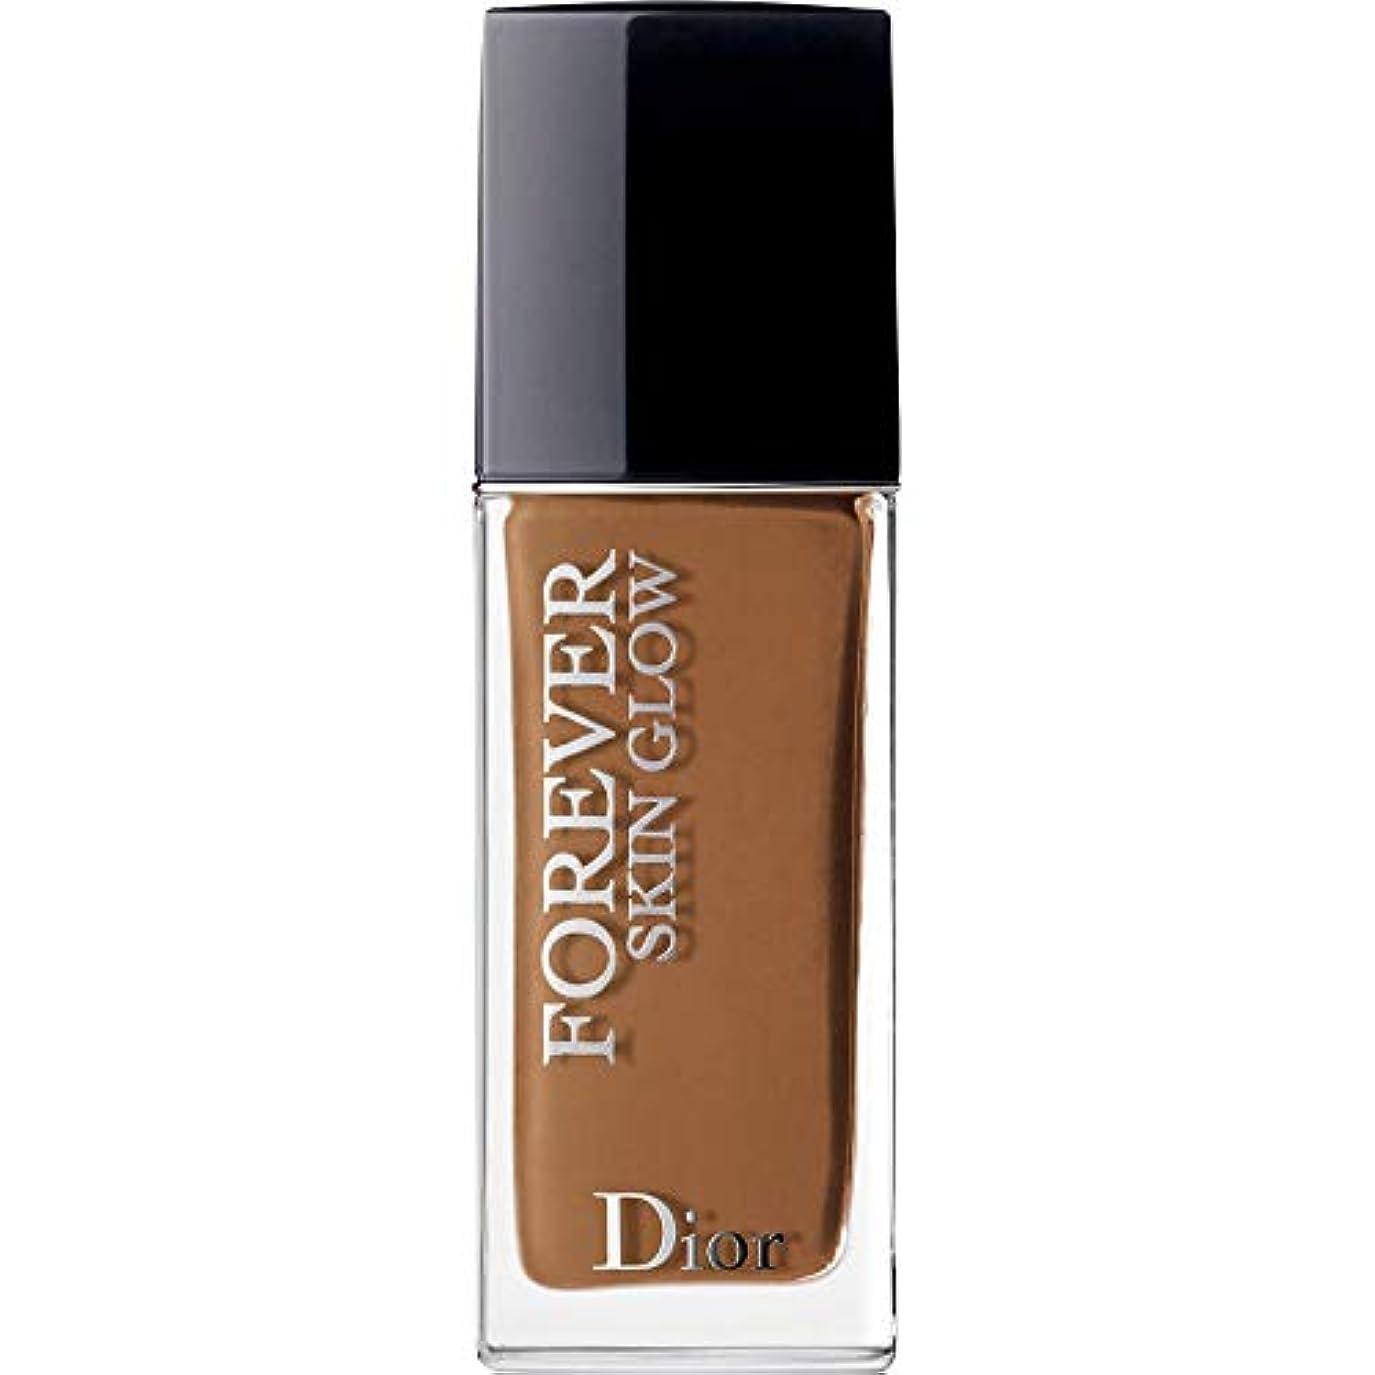 落ちた助言有彩色の[Dior ] ディオール永遠に皮膚グロー皮膚思いやりの基礎Spf35 30ミリリットルの7N - ニュートラル(肌の輝き) - DIOR Forever Skin Glow Skin-Caring Foundation...